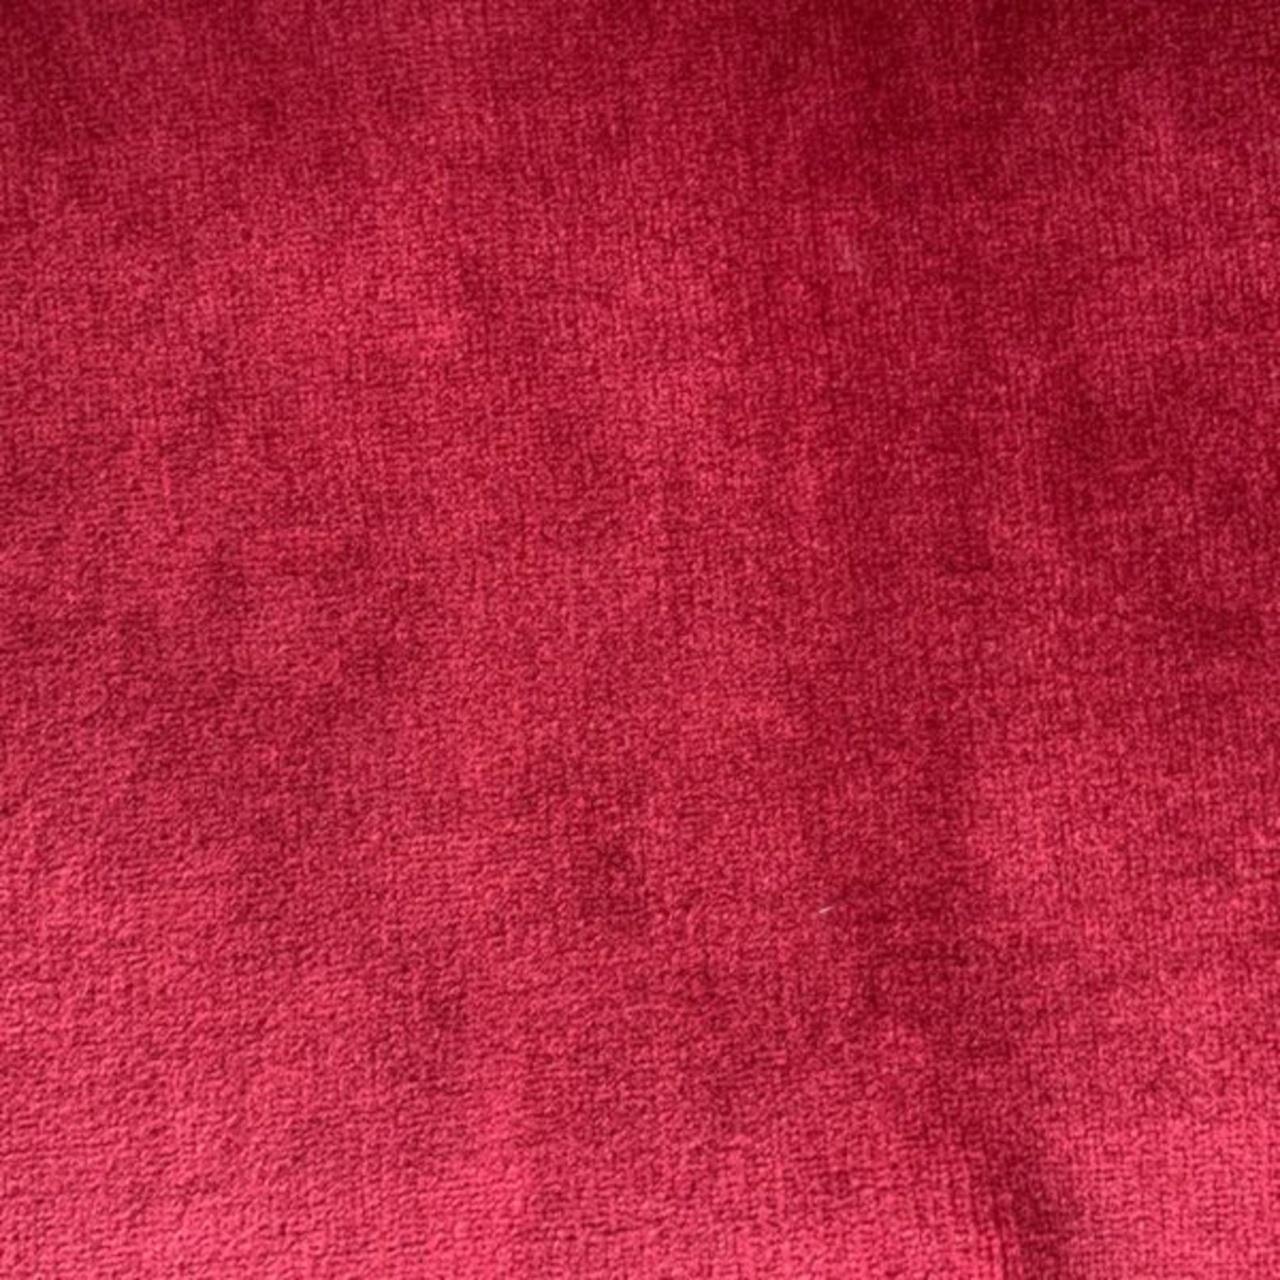 Couverture Flanelle 400grs/m² Rouge Nid Douillet